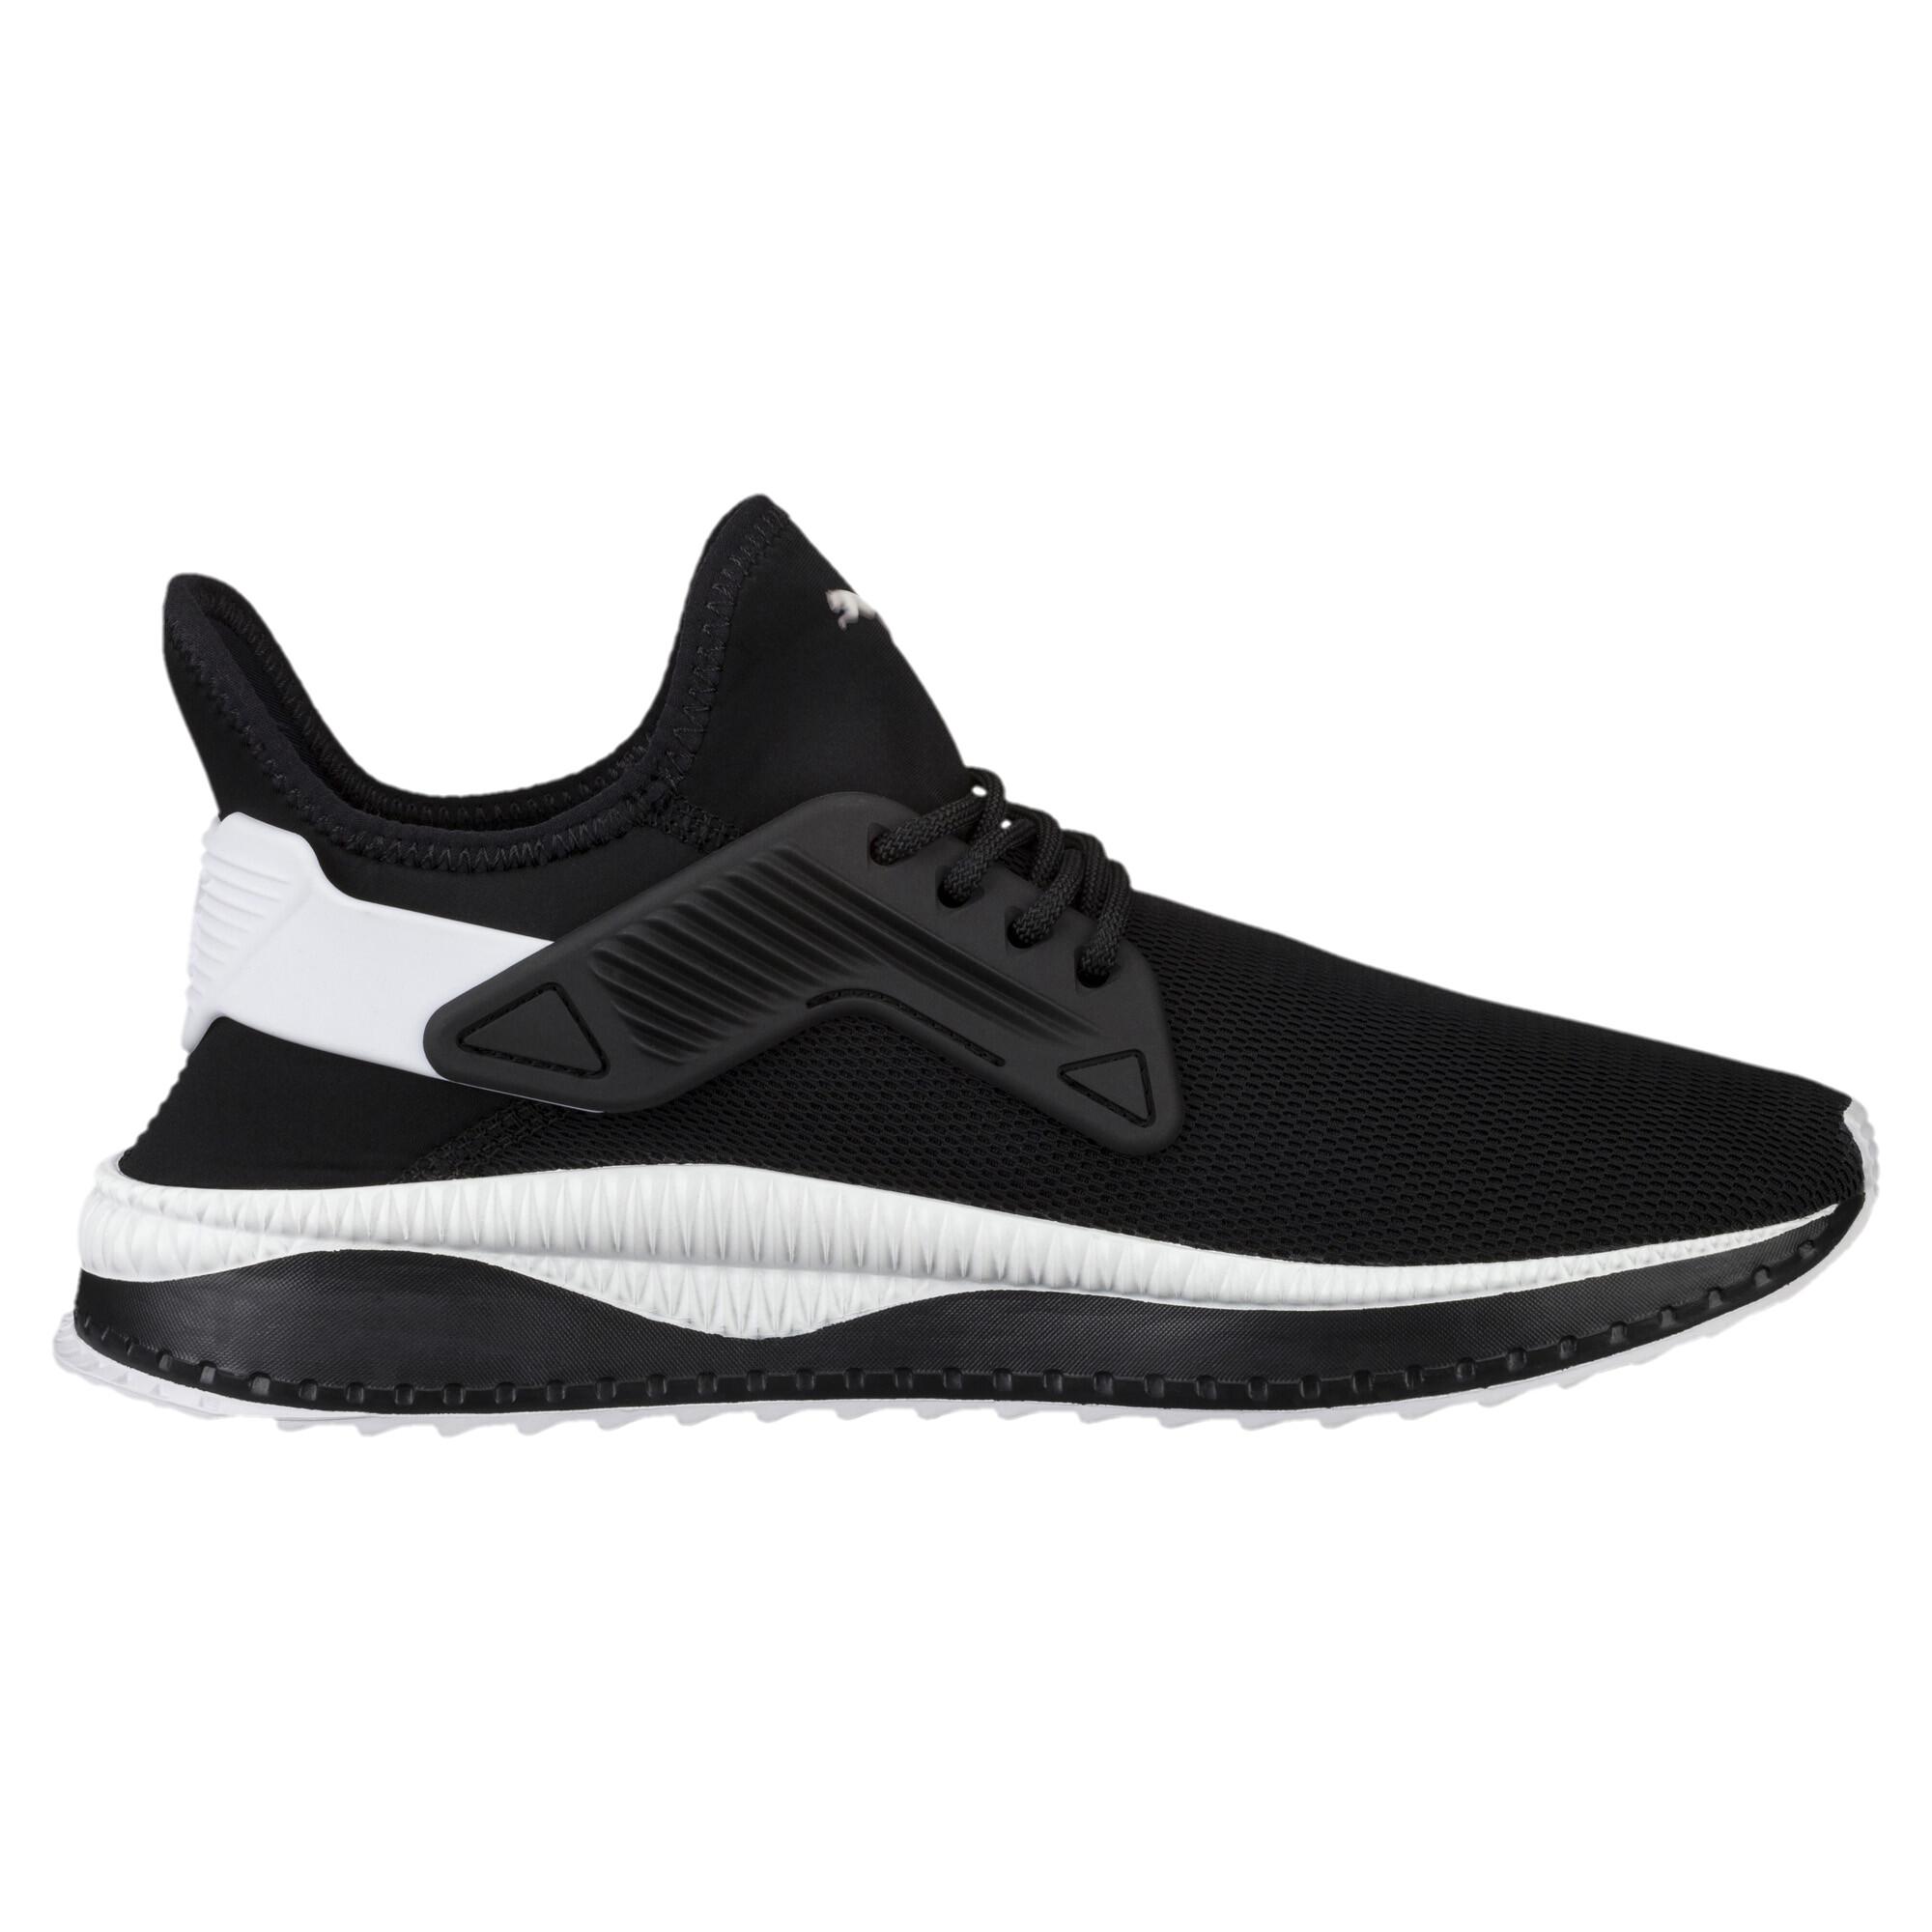 Image Puma TSUGI Cage Men's Sneakers #3